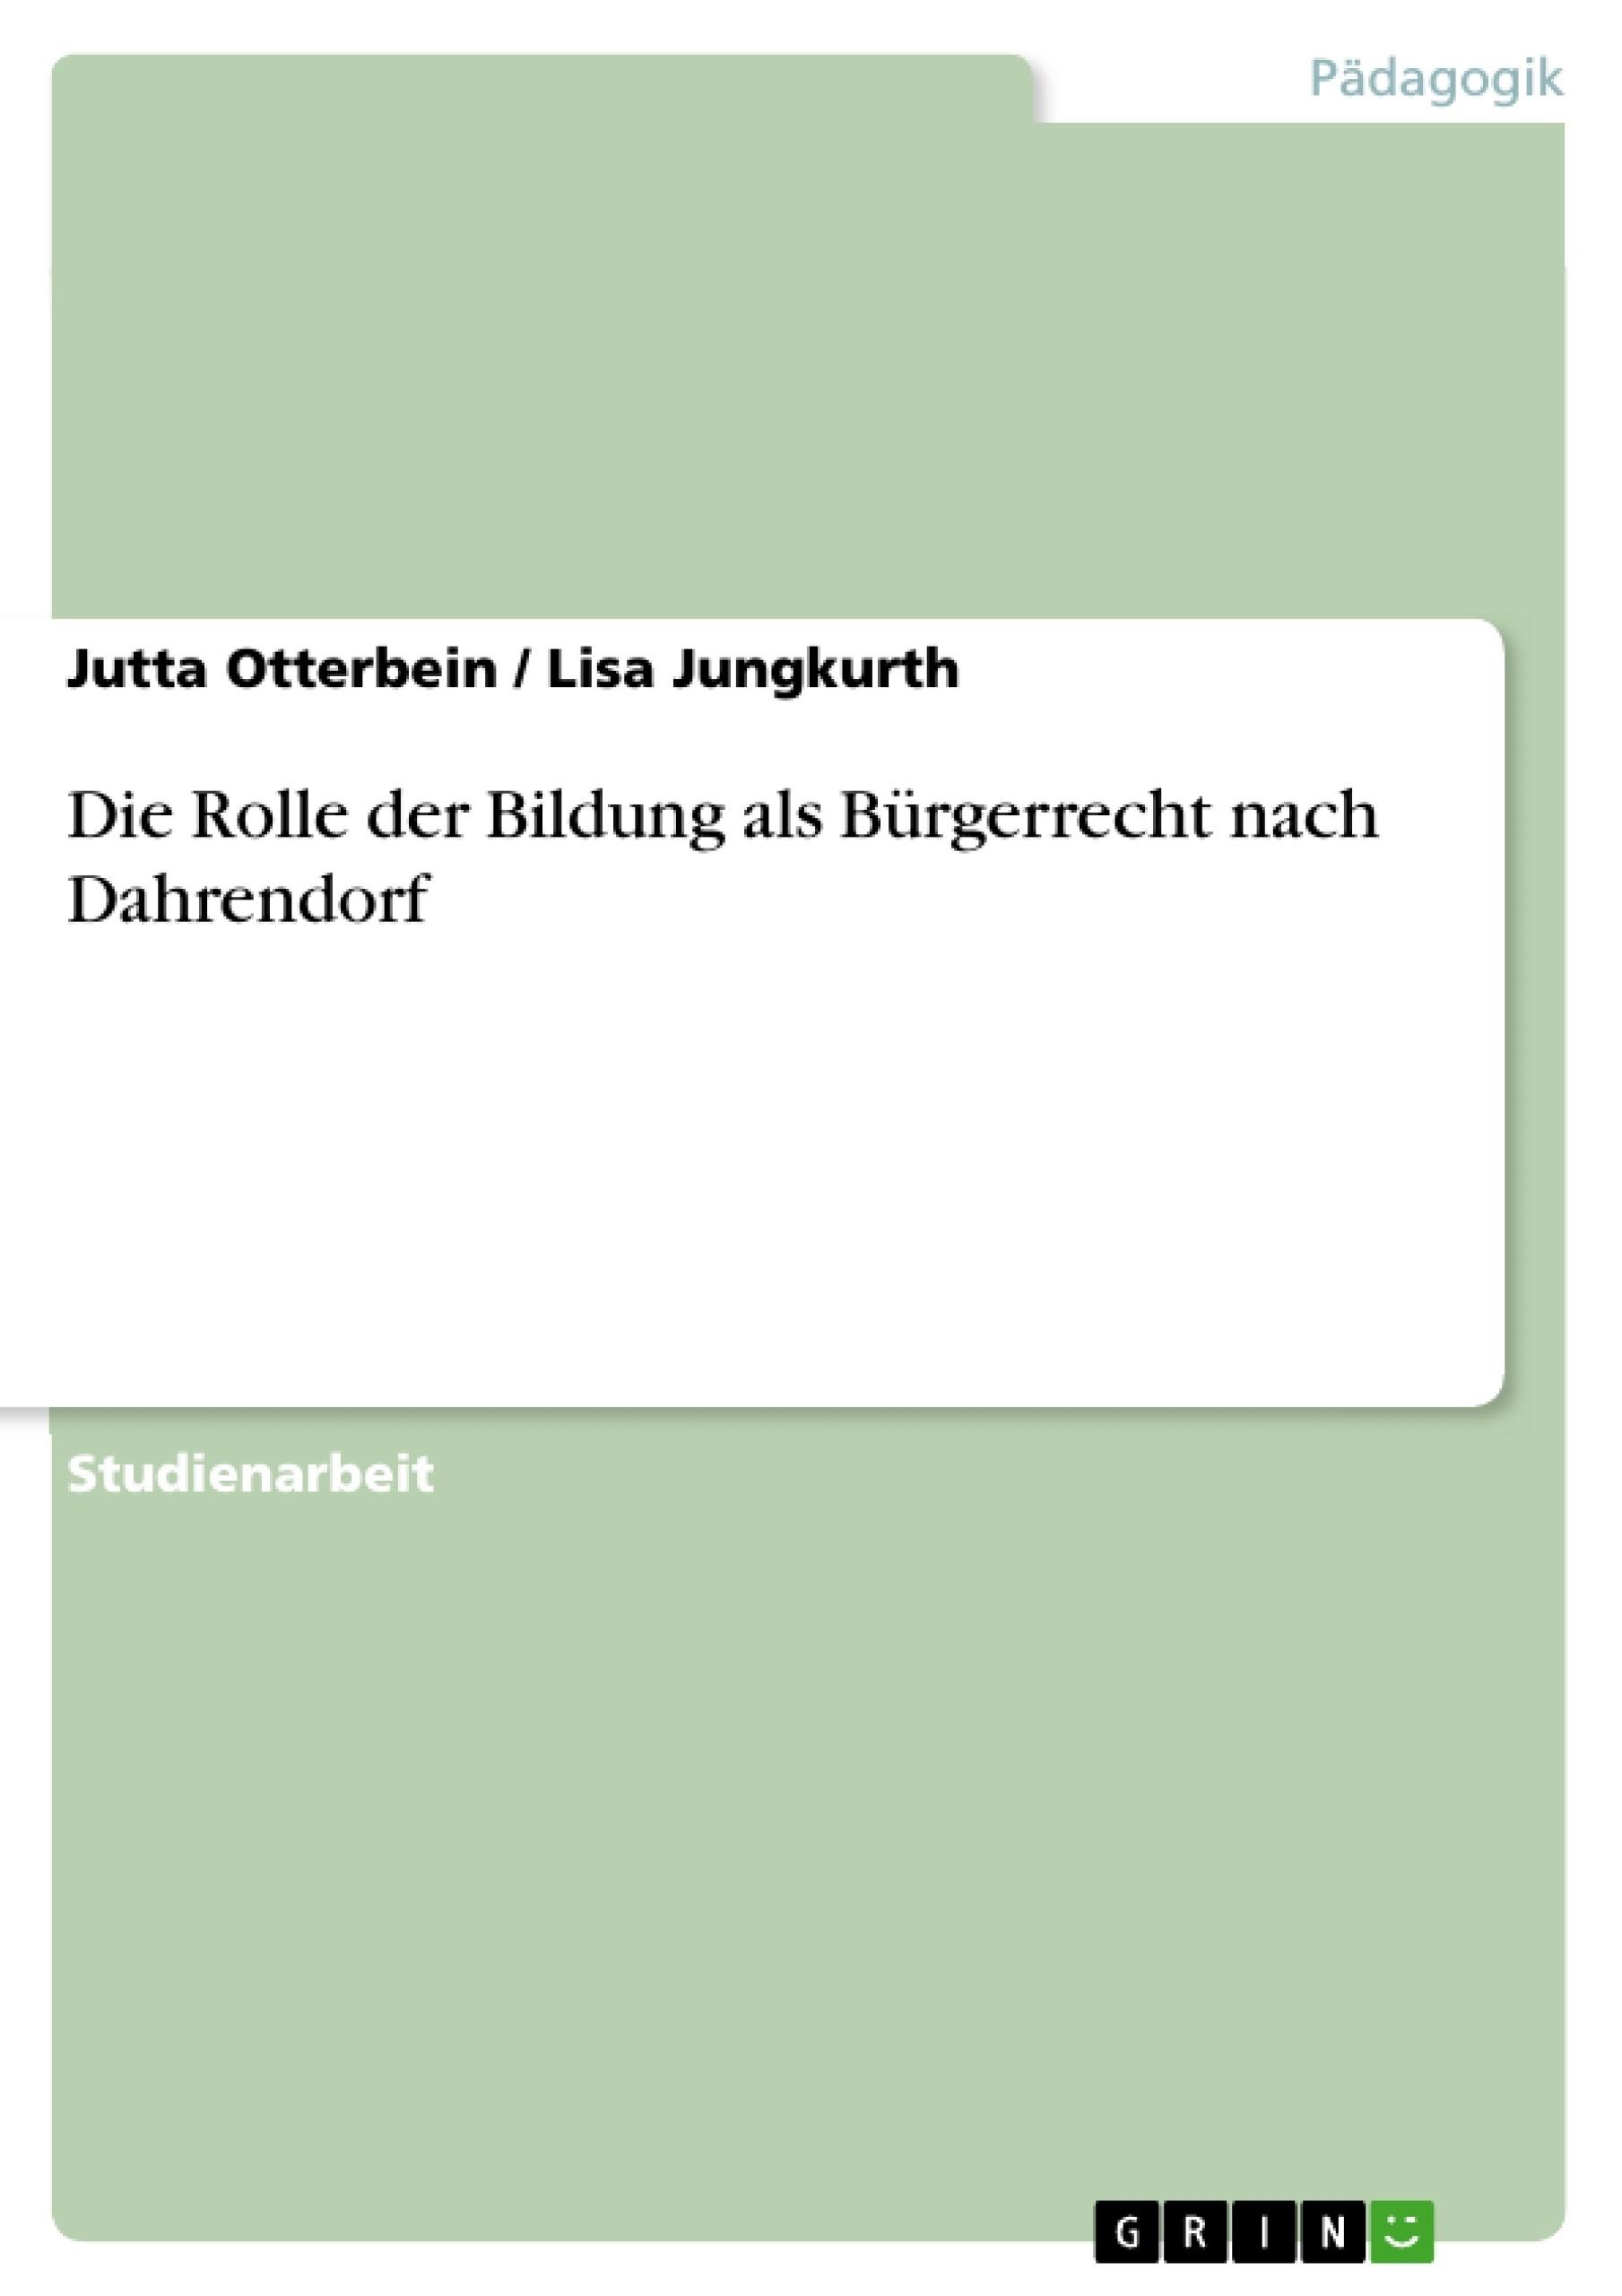 Titel: Die Rolle der Bildung als Bürgerrecht nach Dahrendorf